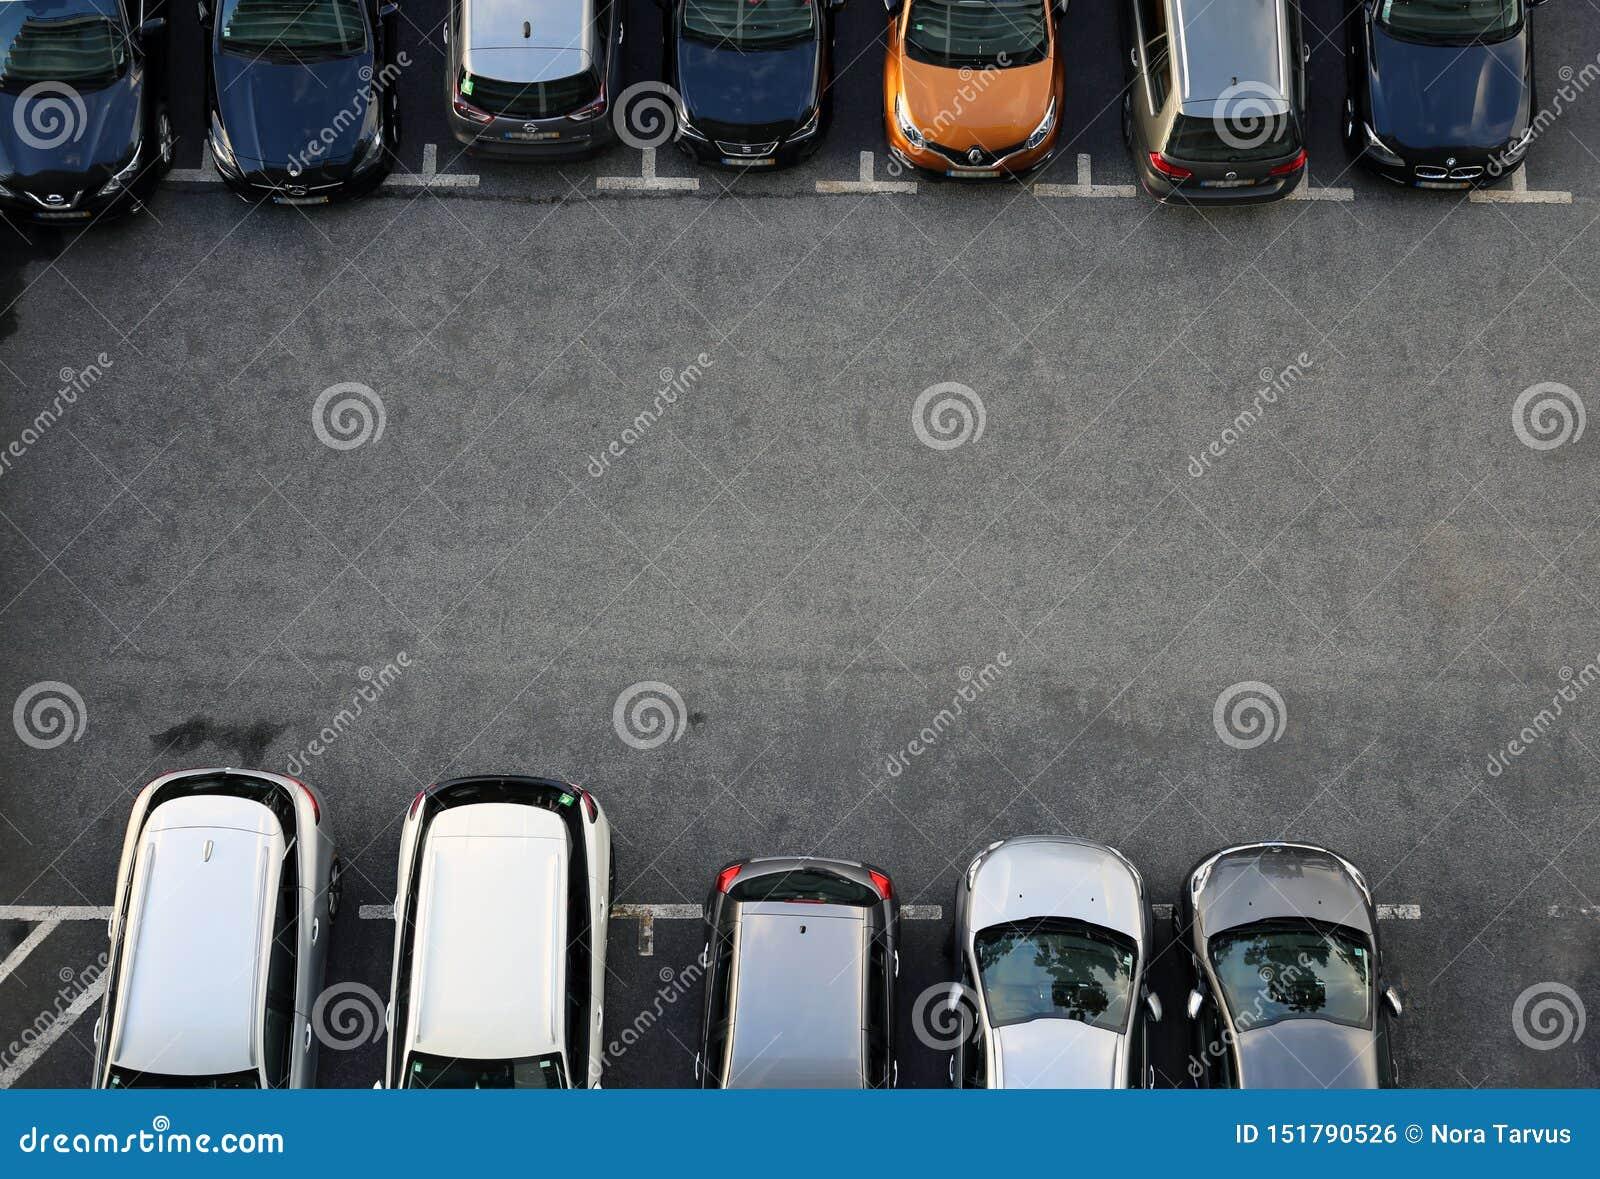 Vista aérea de un aparcamiento lleno de diversos coches